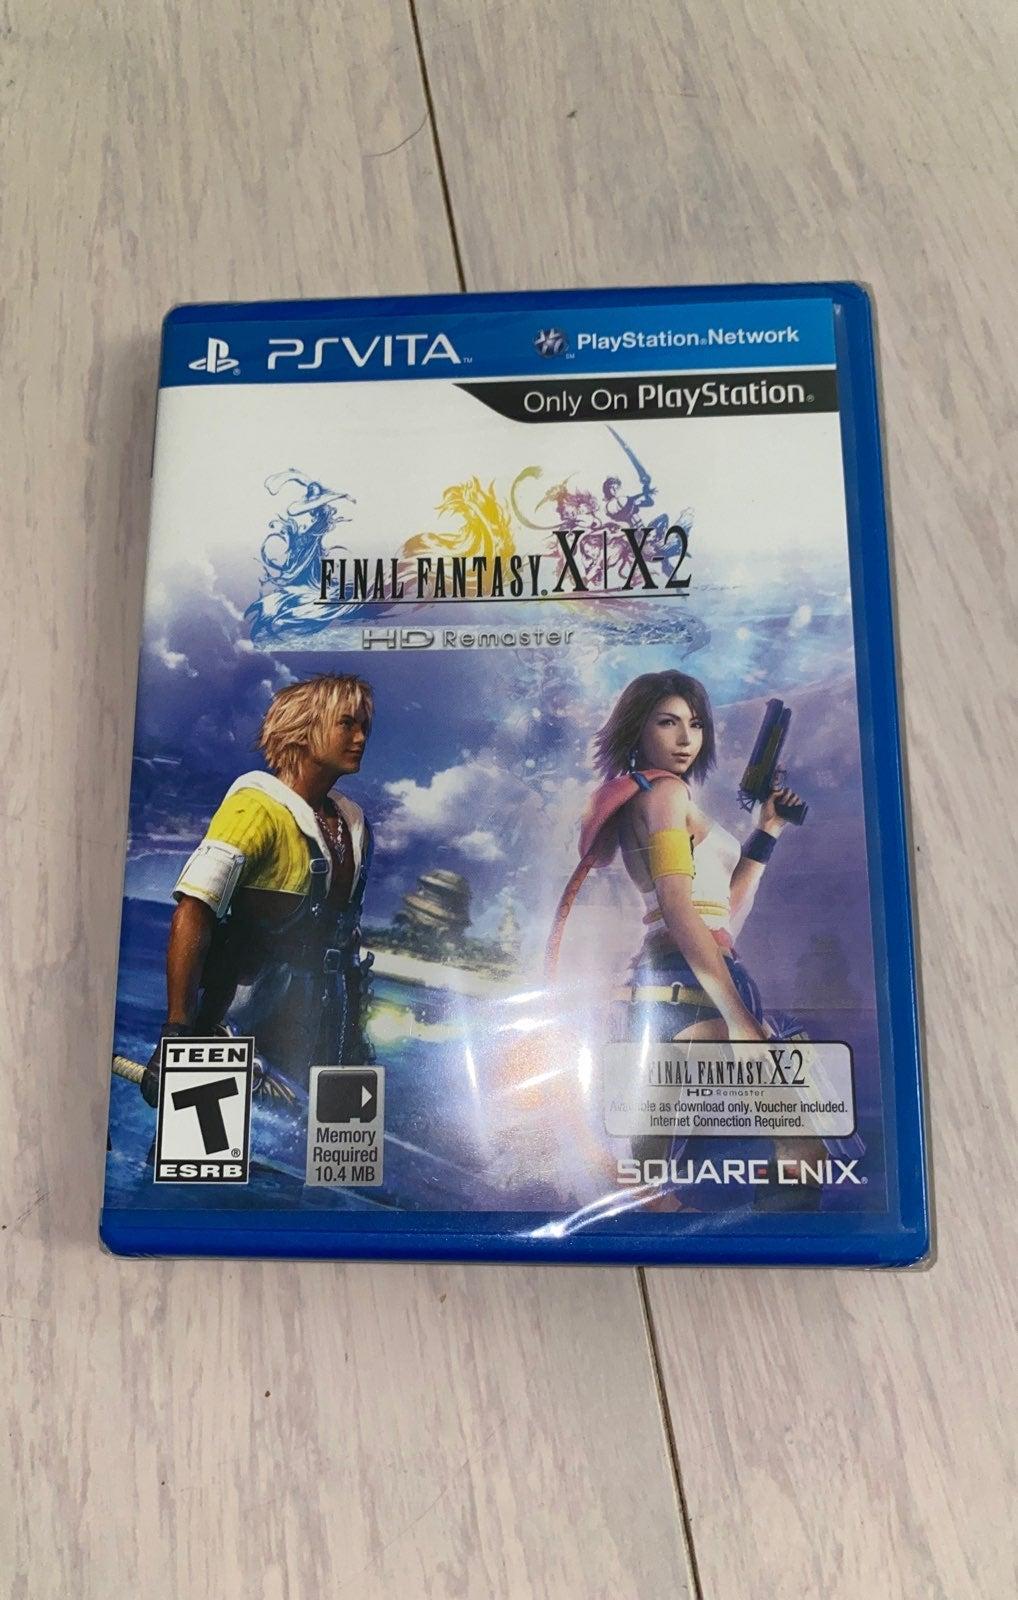 PS Vita final fanstay x &x2 NEW